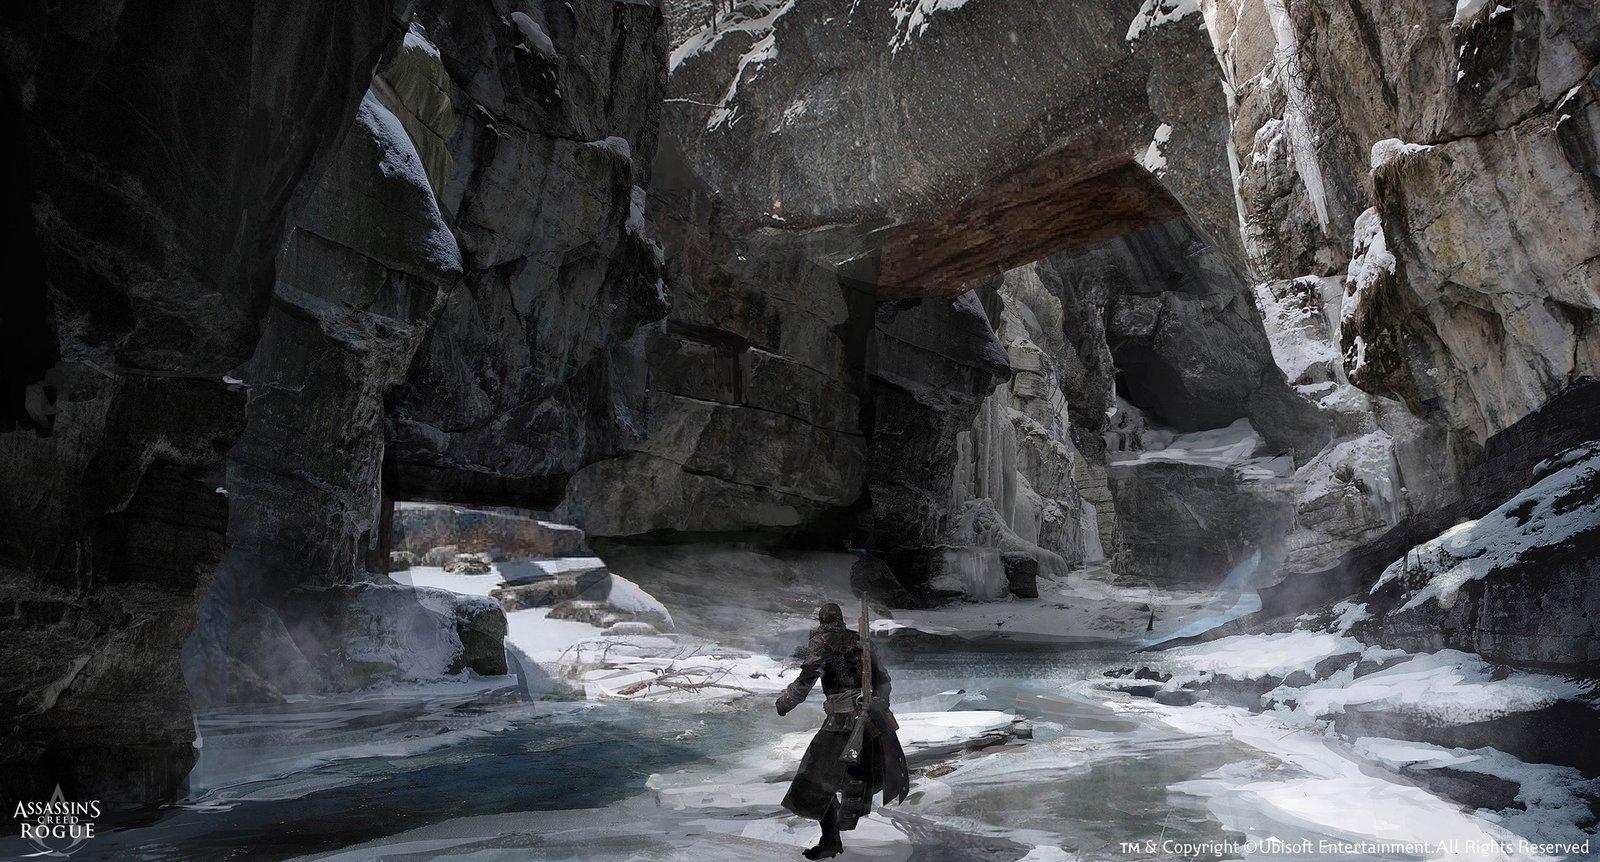 Assassin Creed Rogue